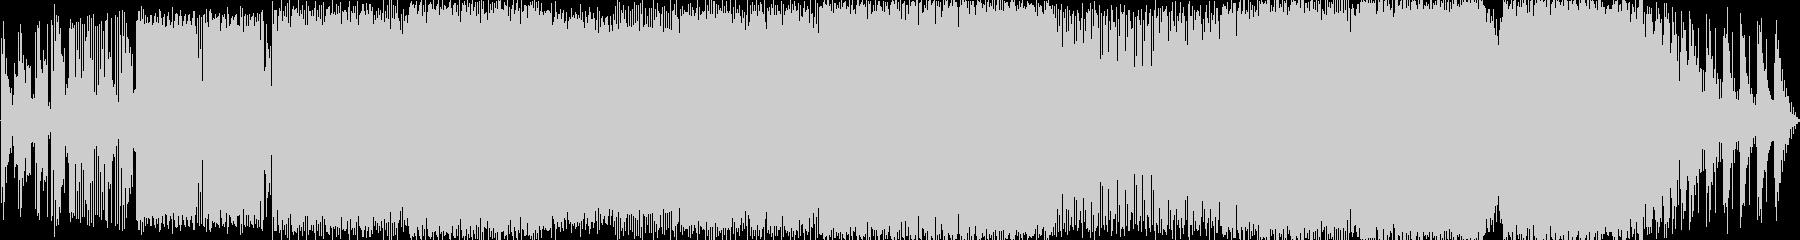 エレクトロニック サスペンス ad...の未再生の波形